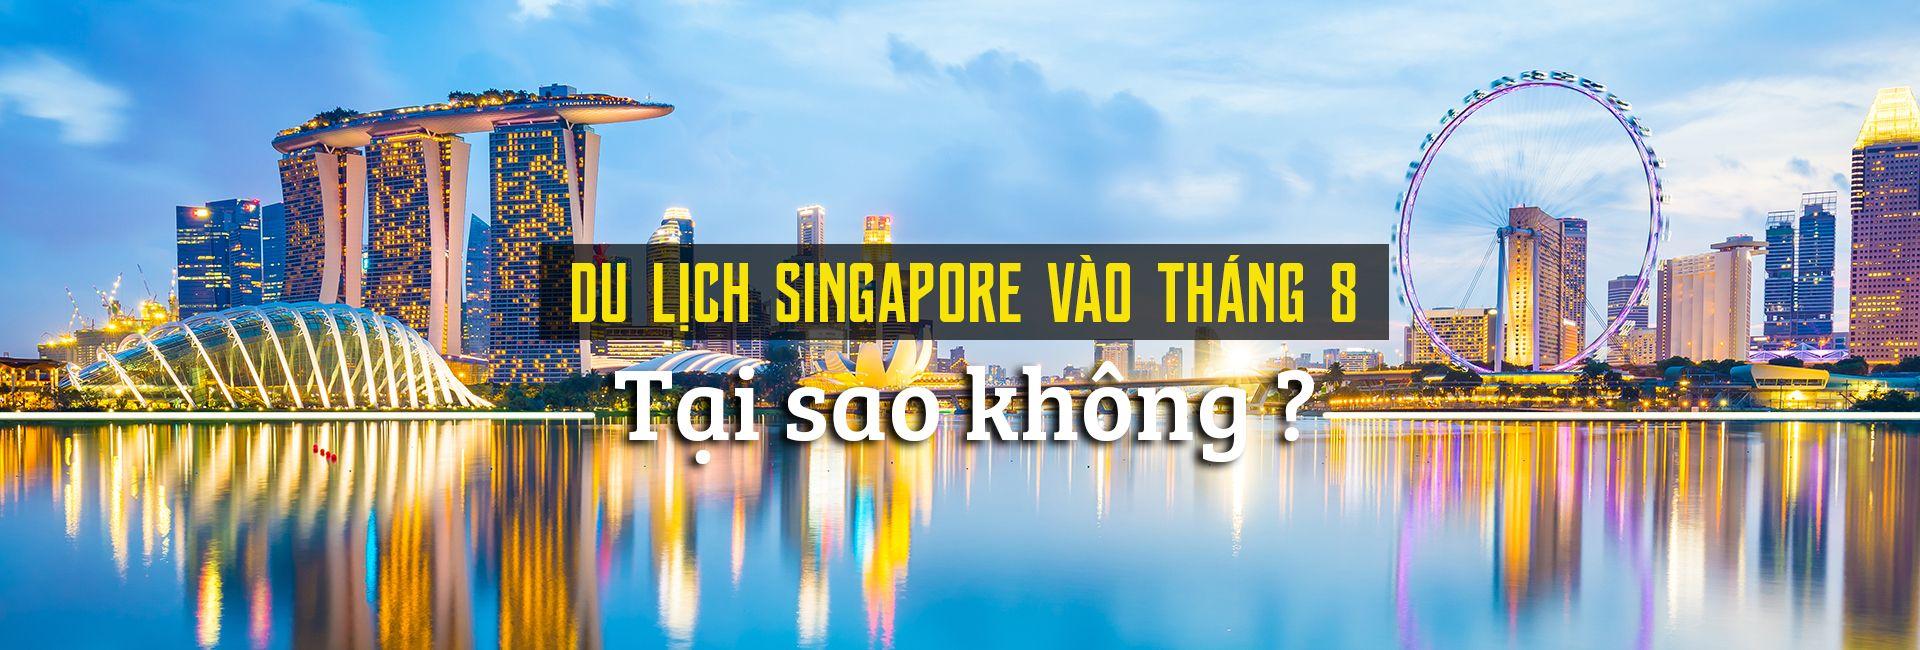 Đi du lịch Singapore vào tháng 8 - tại sao không?